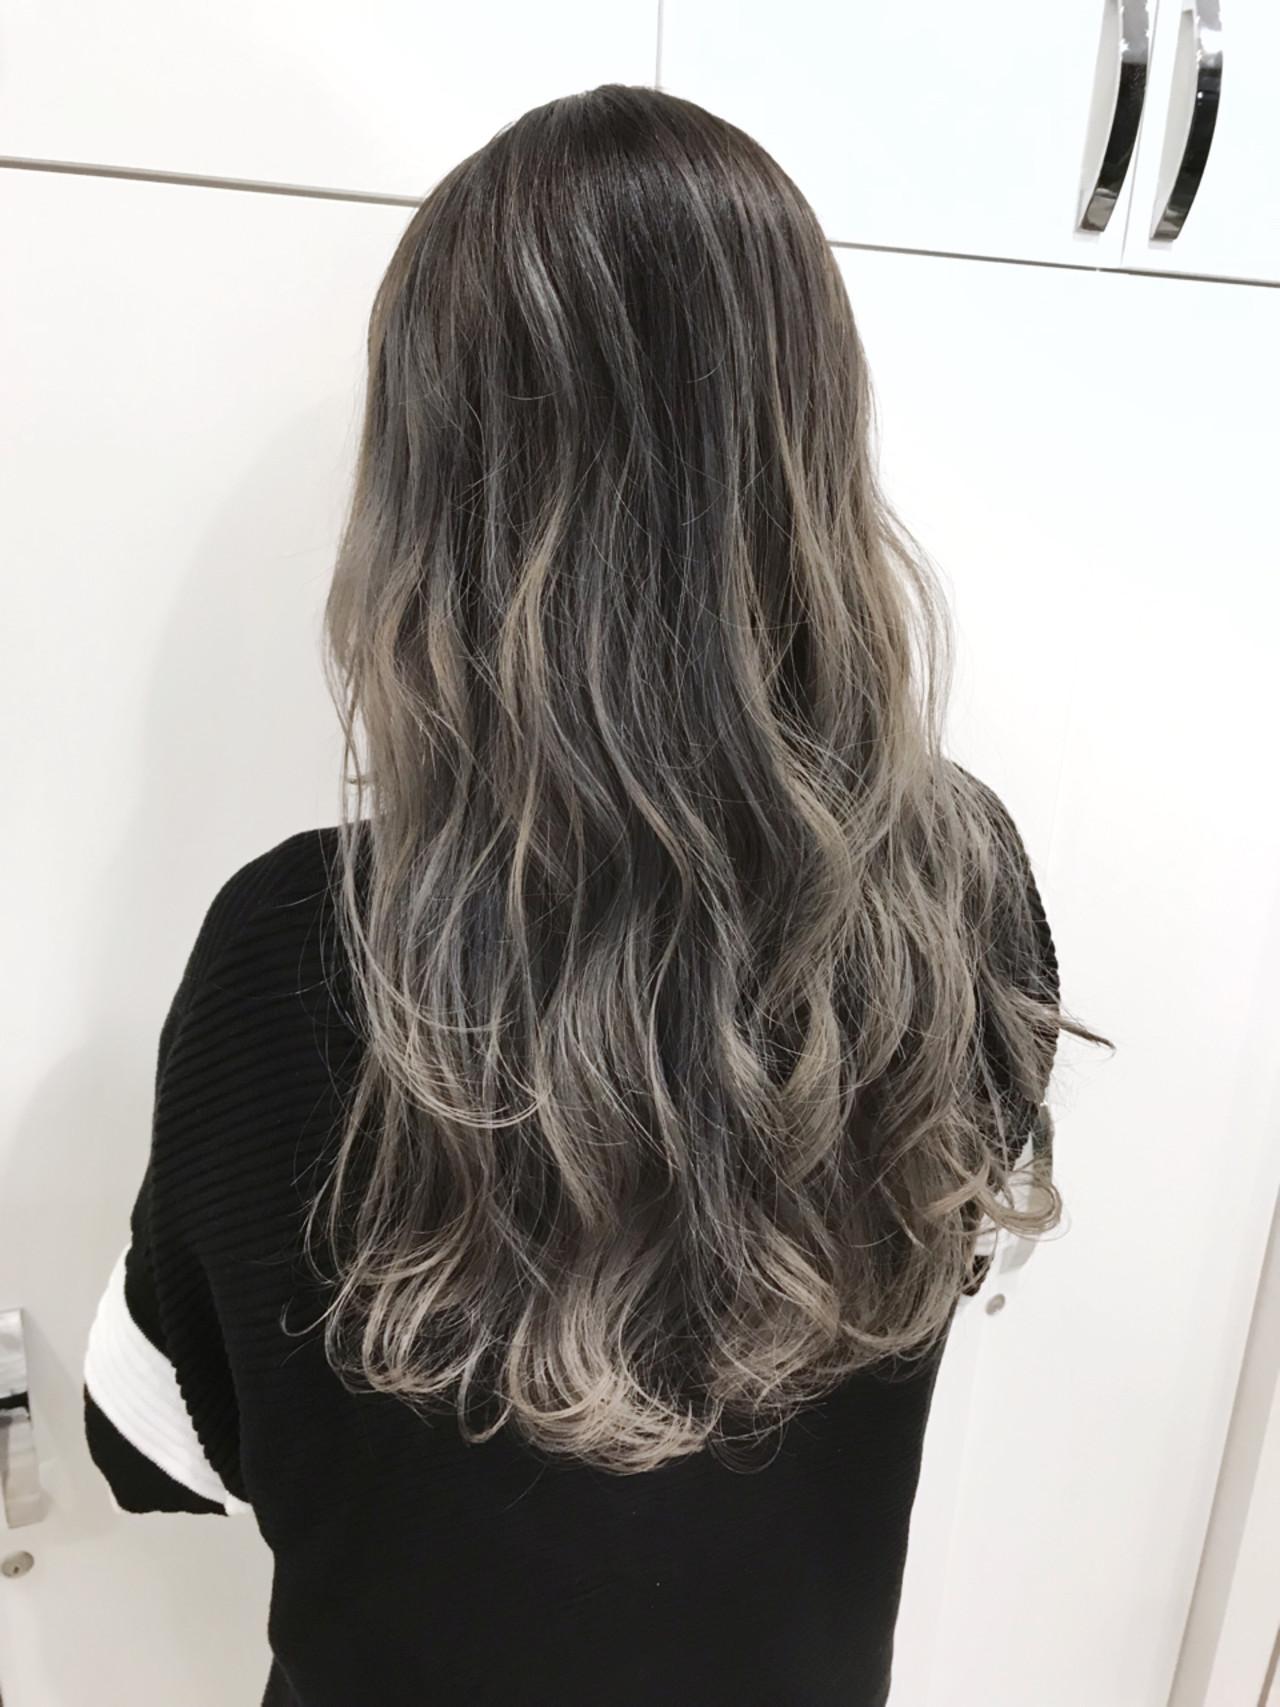 バレイヤージュ 外国人風 ストリート ハイライト ヘアスタイルや髪型の写真・画像 | 長谷川 龍太 / hair design tea